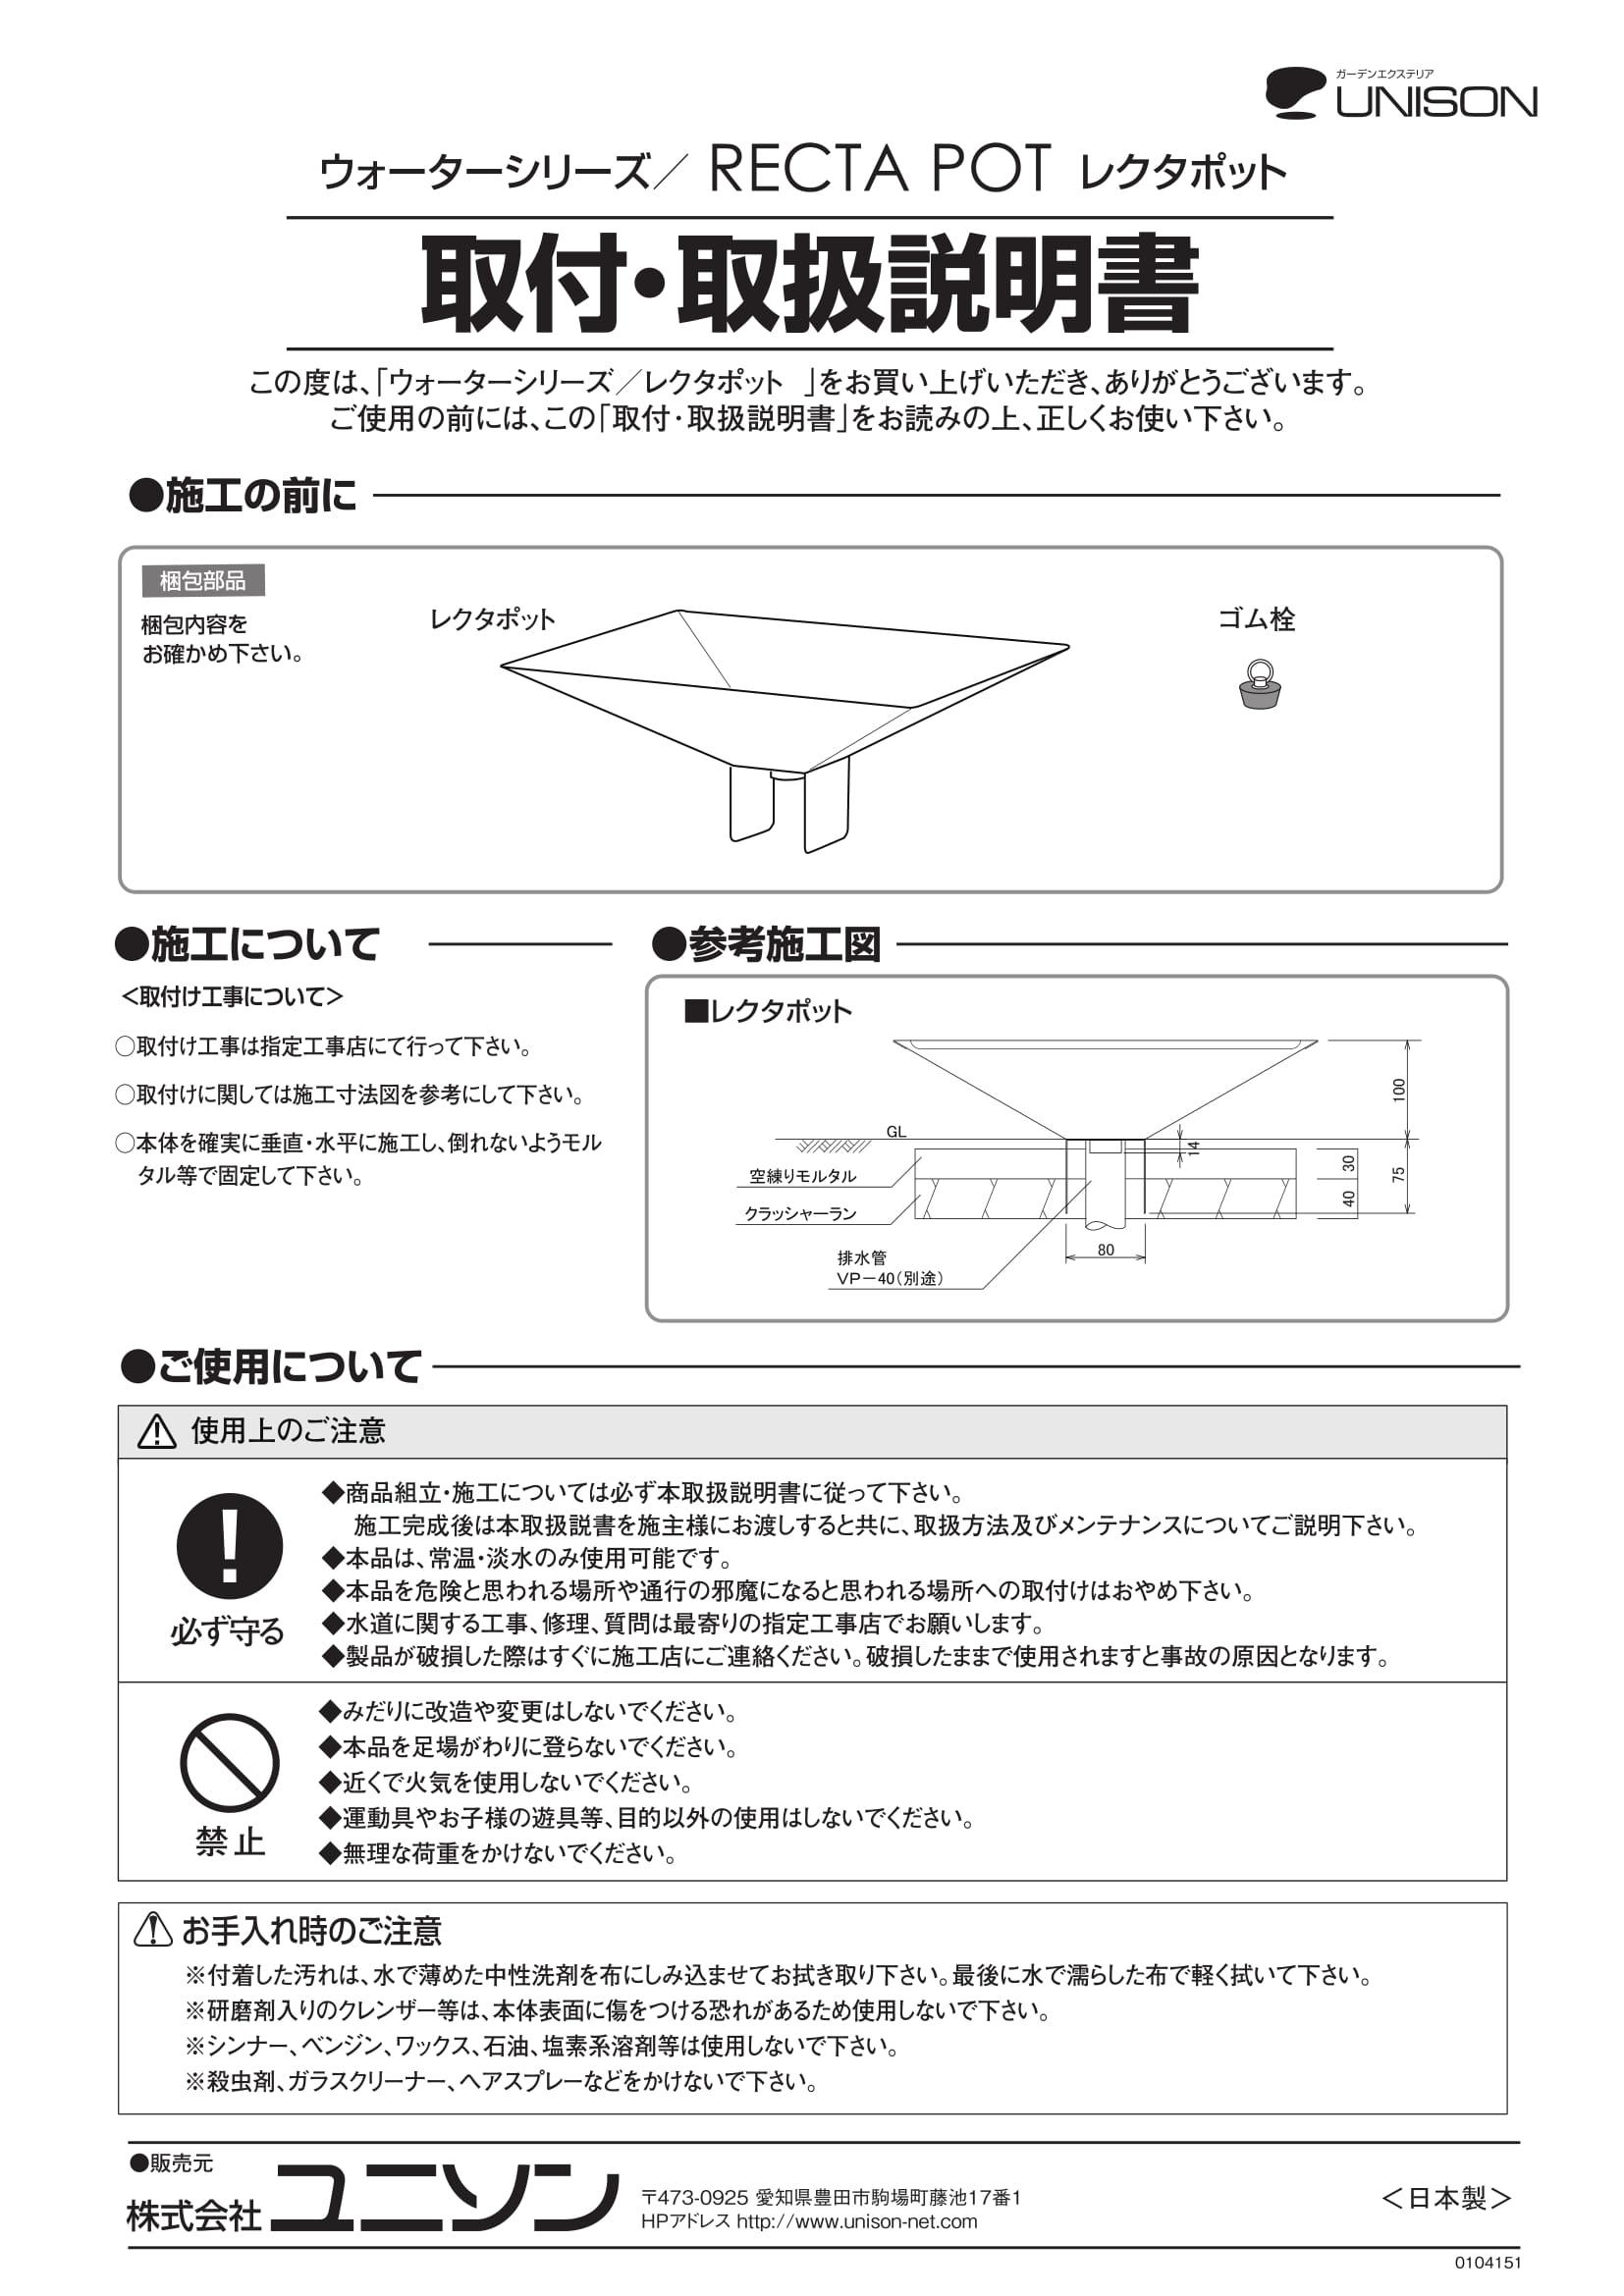 レクタポット_取扱説明書-1